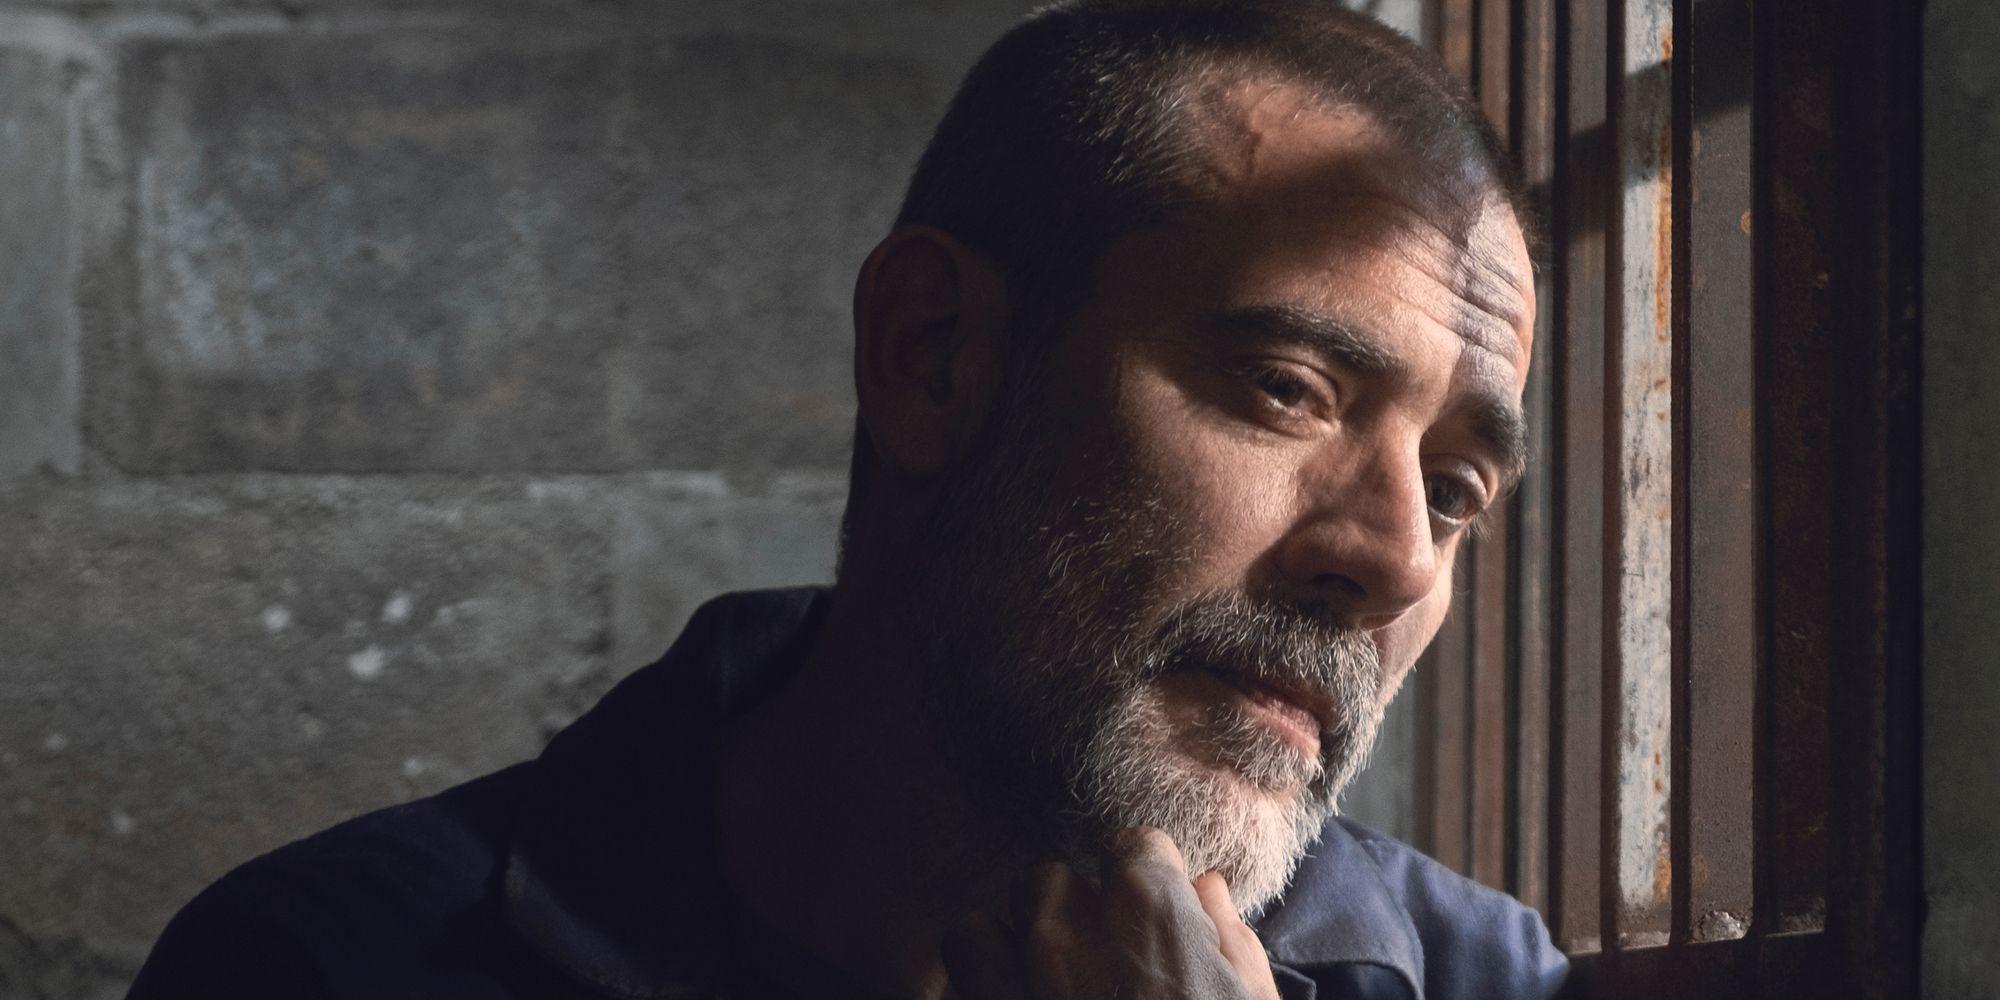 Walking Dead: Walking Dead Midseason Finale Clip Teases Negan's Evolution